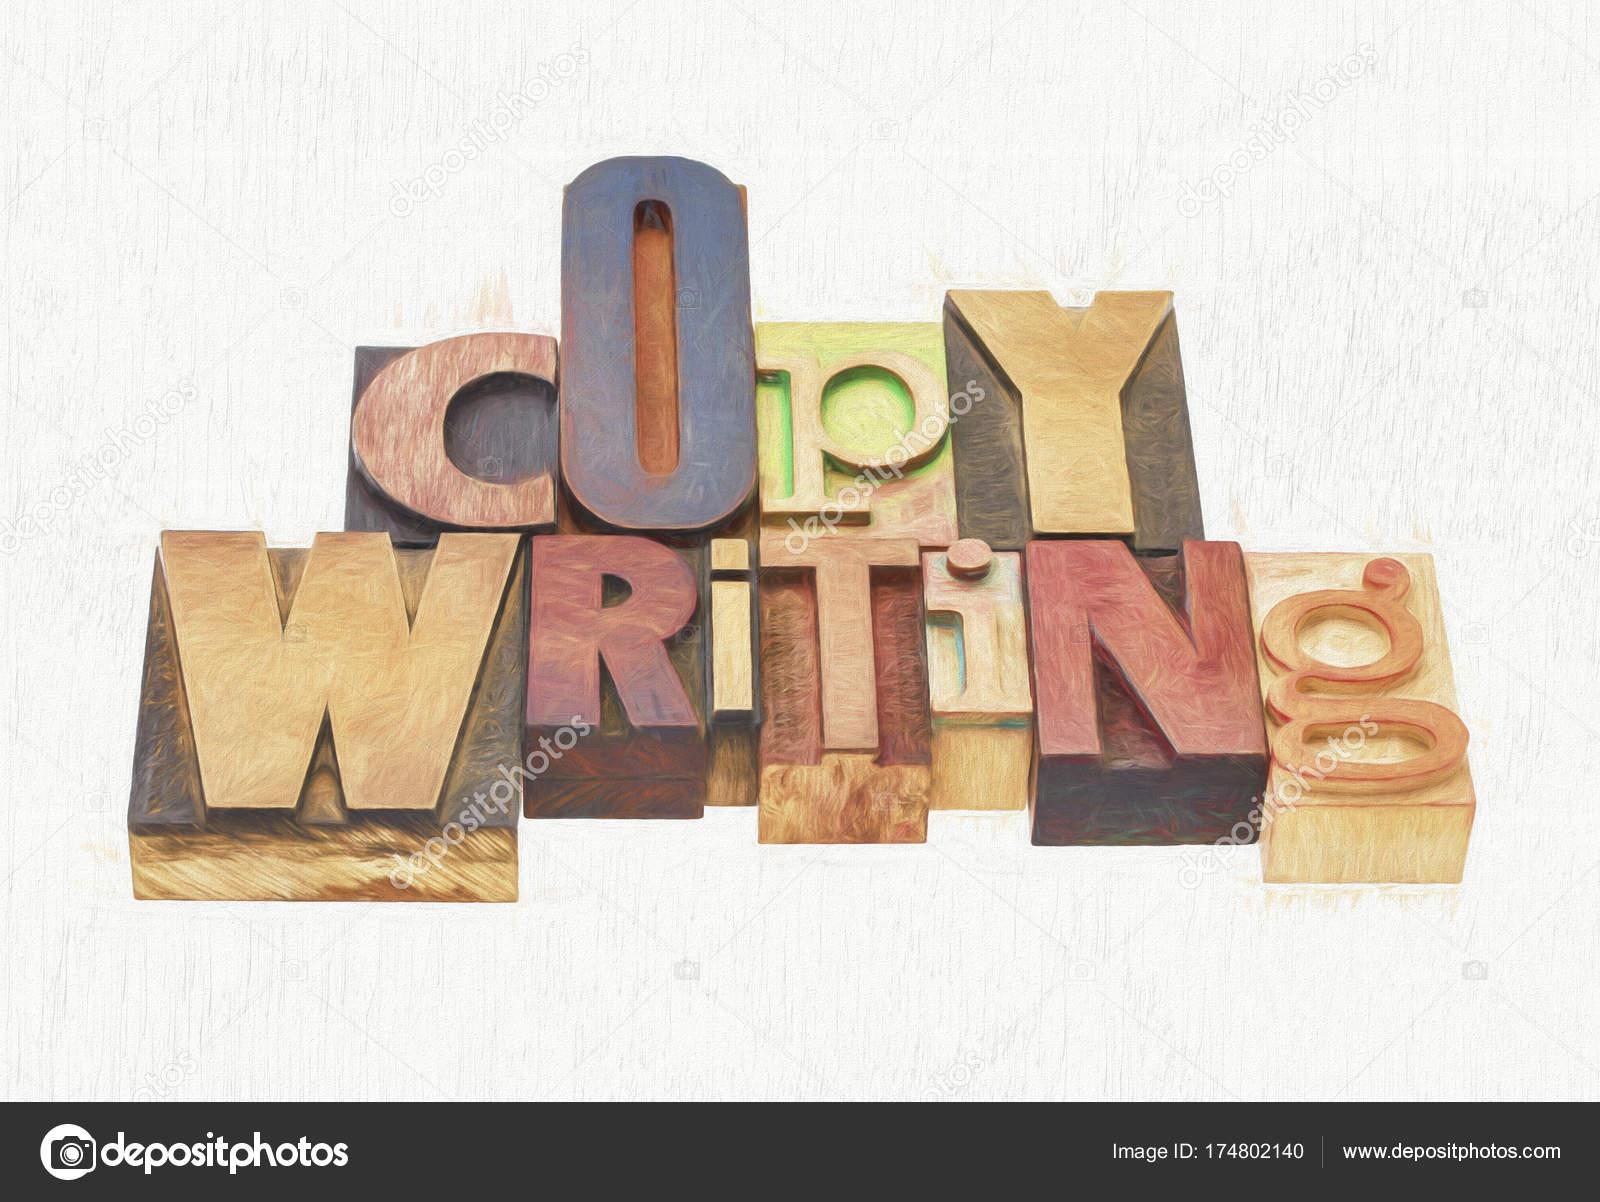 Zusammenfassung Von Texten Wörter In Holz Art Stockfoto